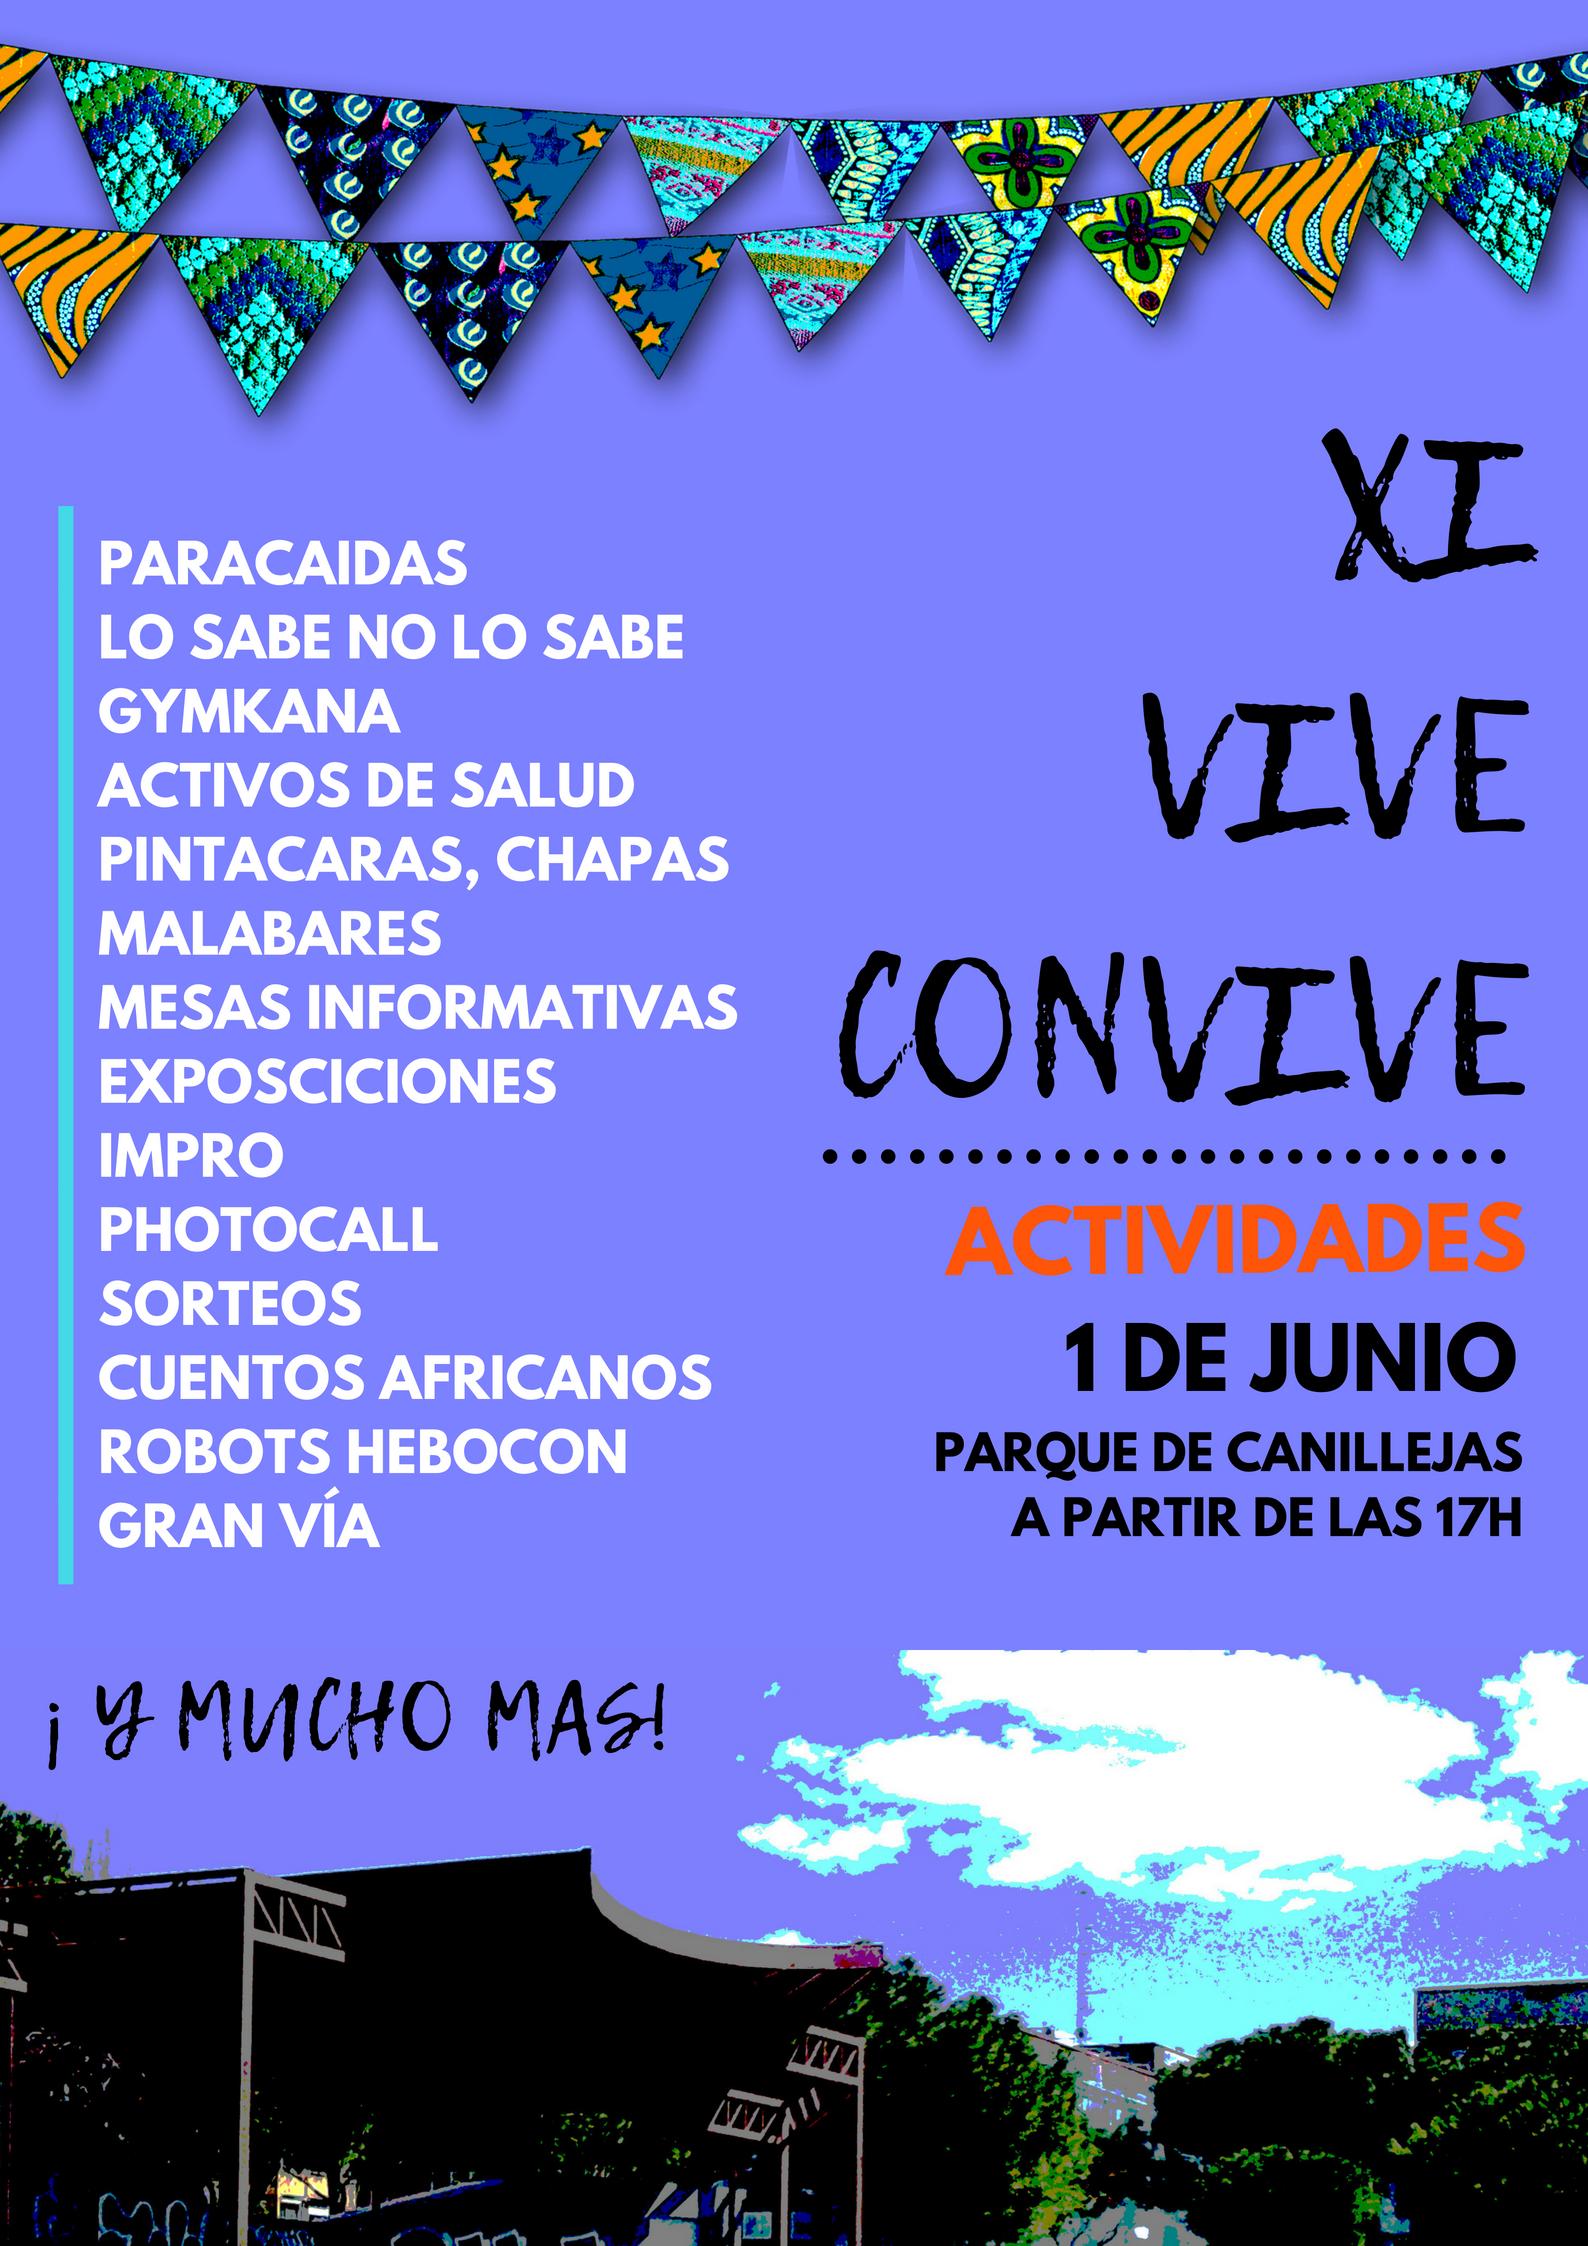 XI VIVE CONVIVE (1) ACTIVIDADES